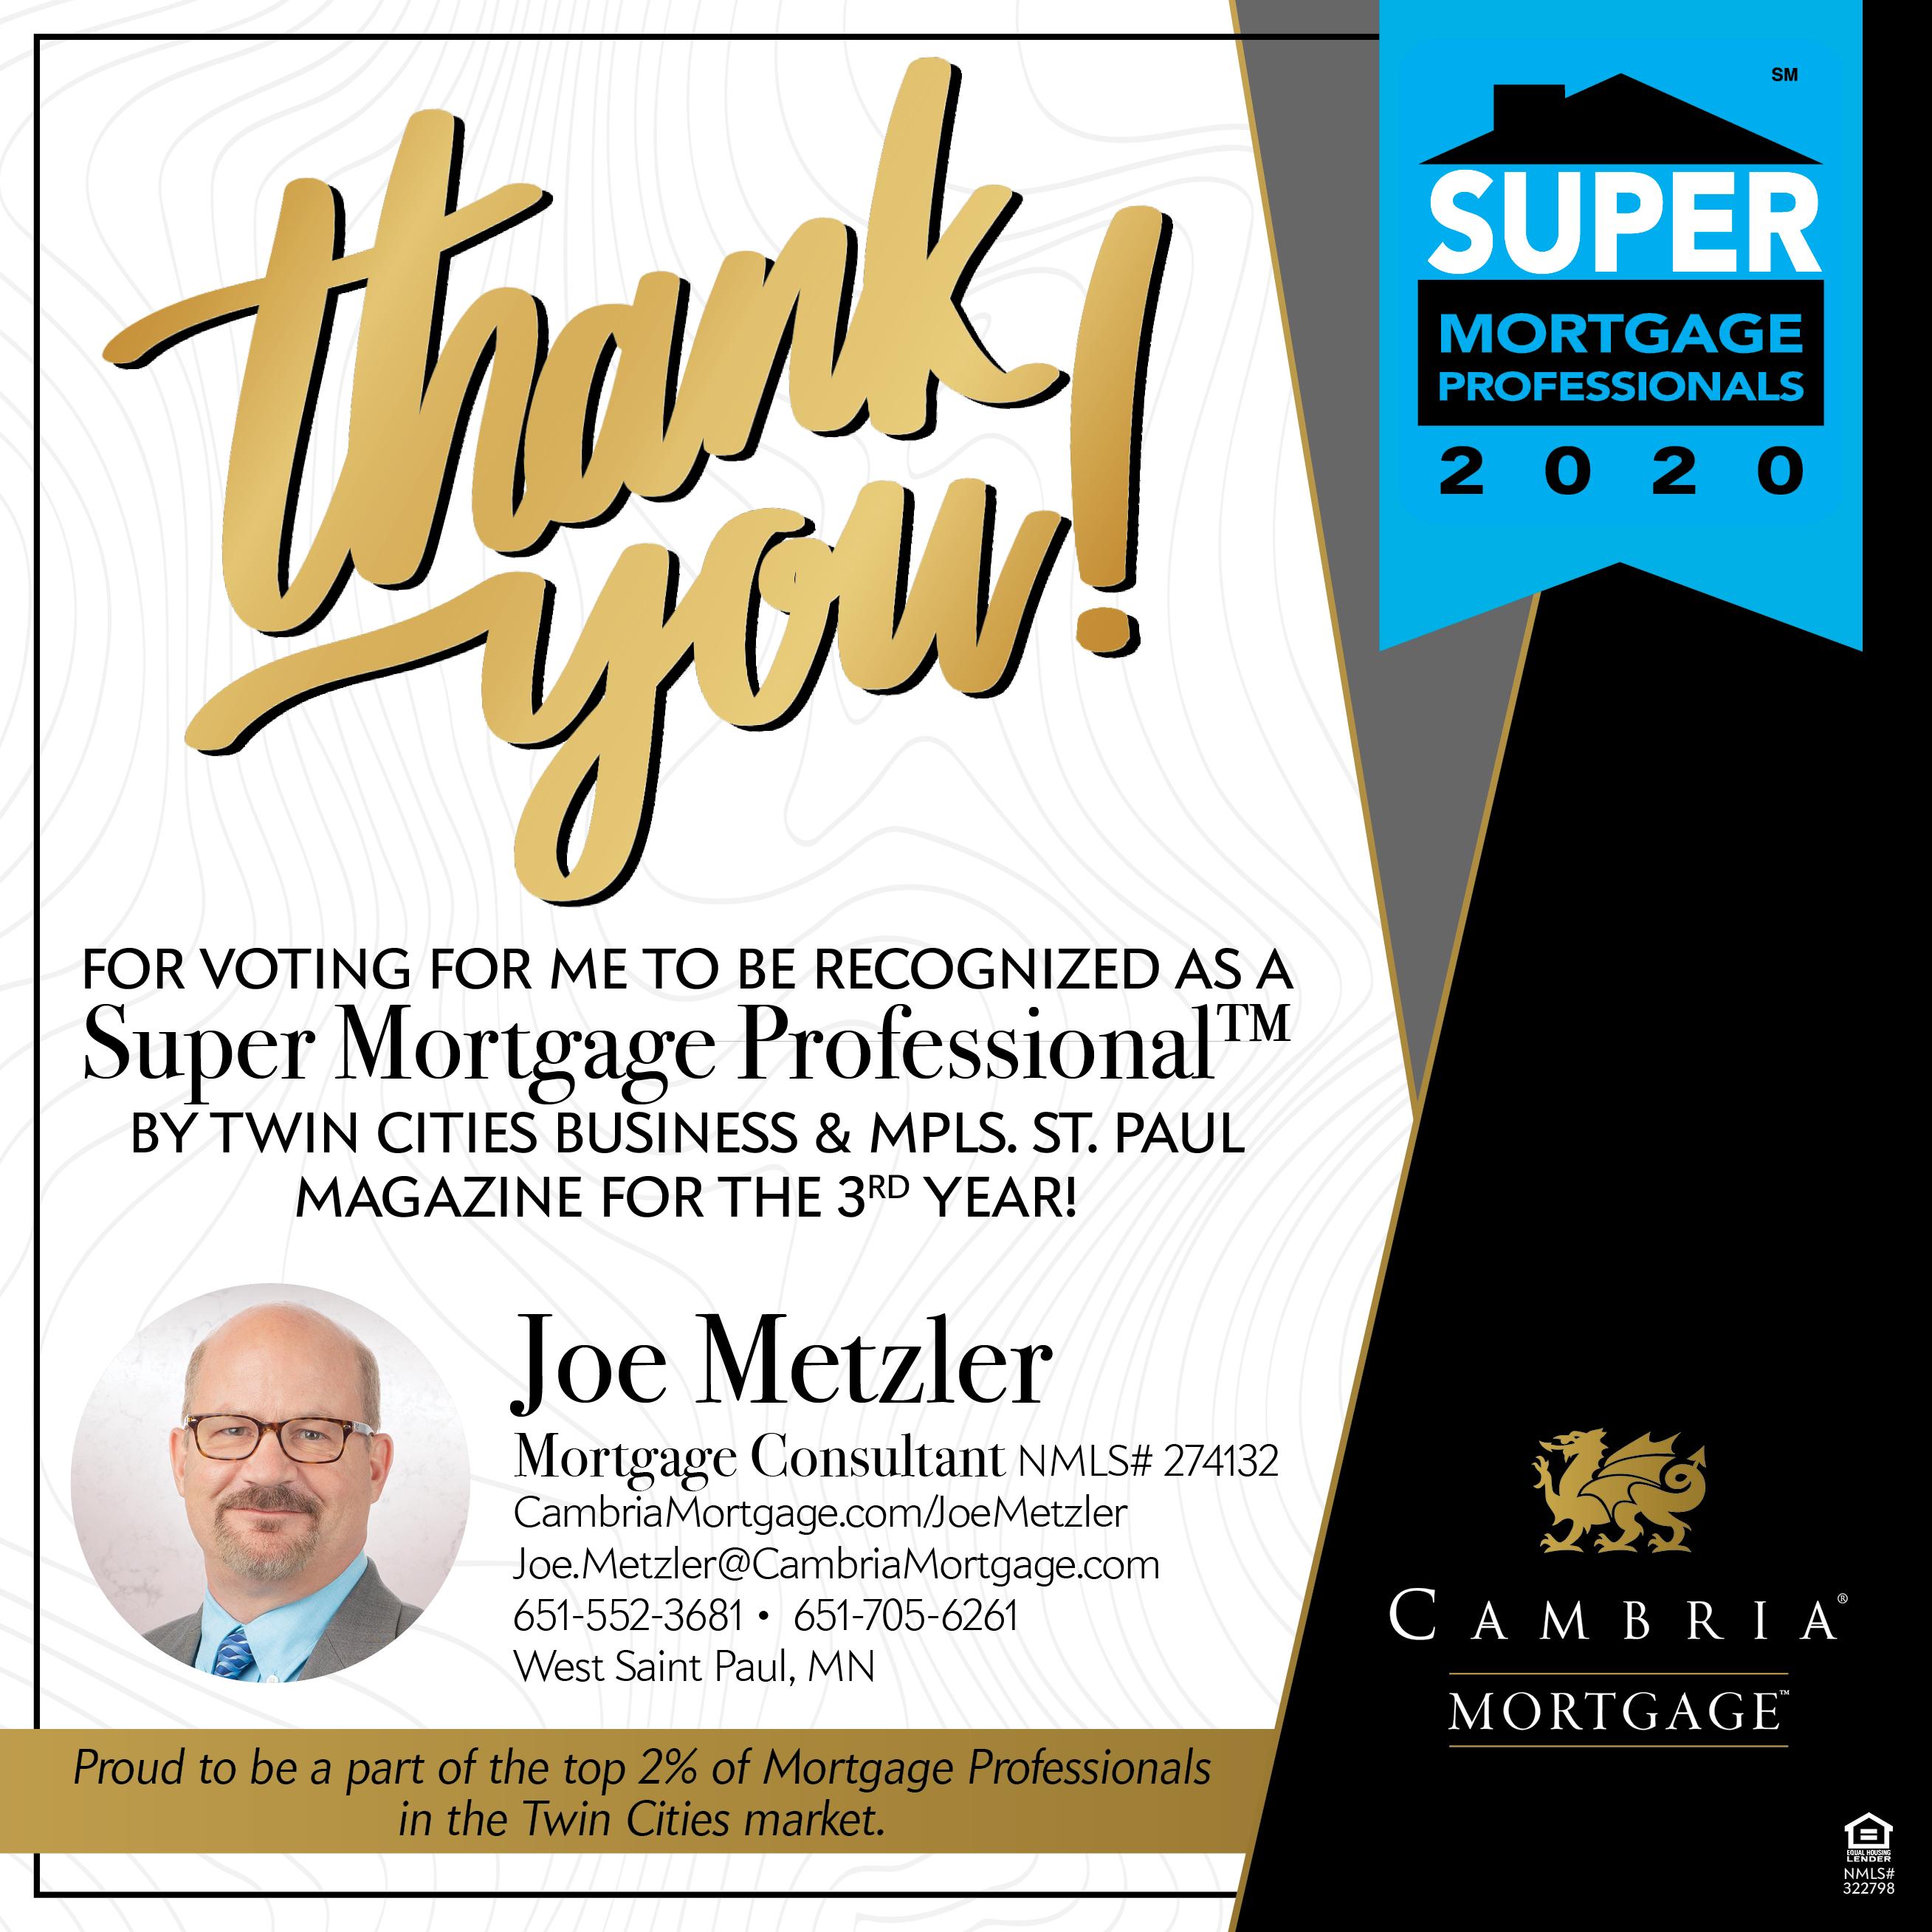 Joe Metzler, Super Mortgage Professional